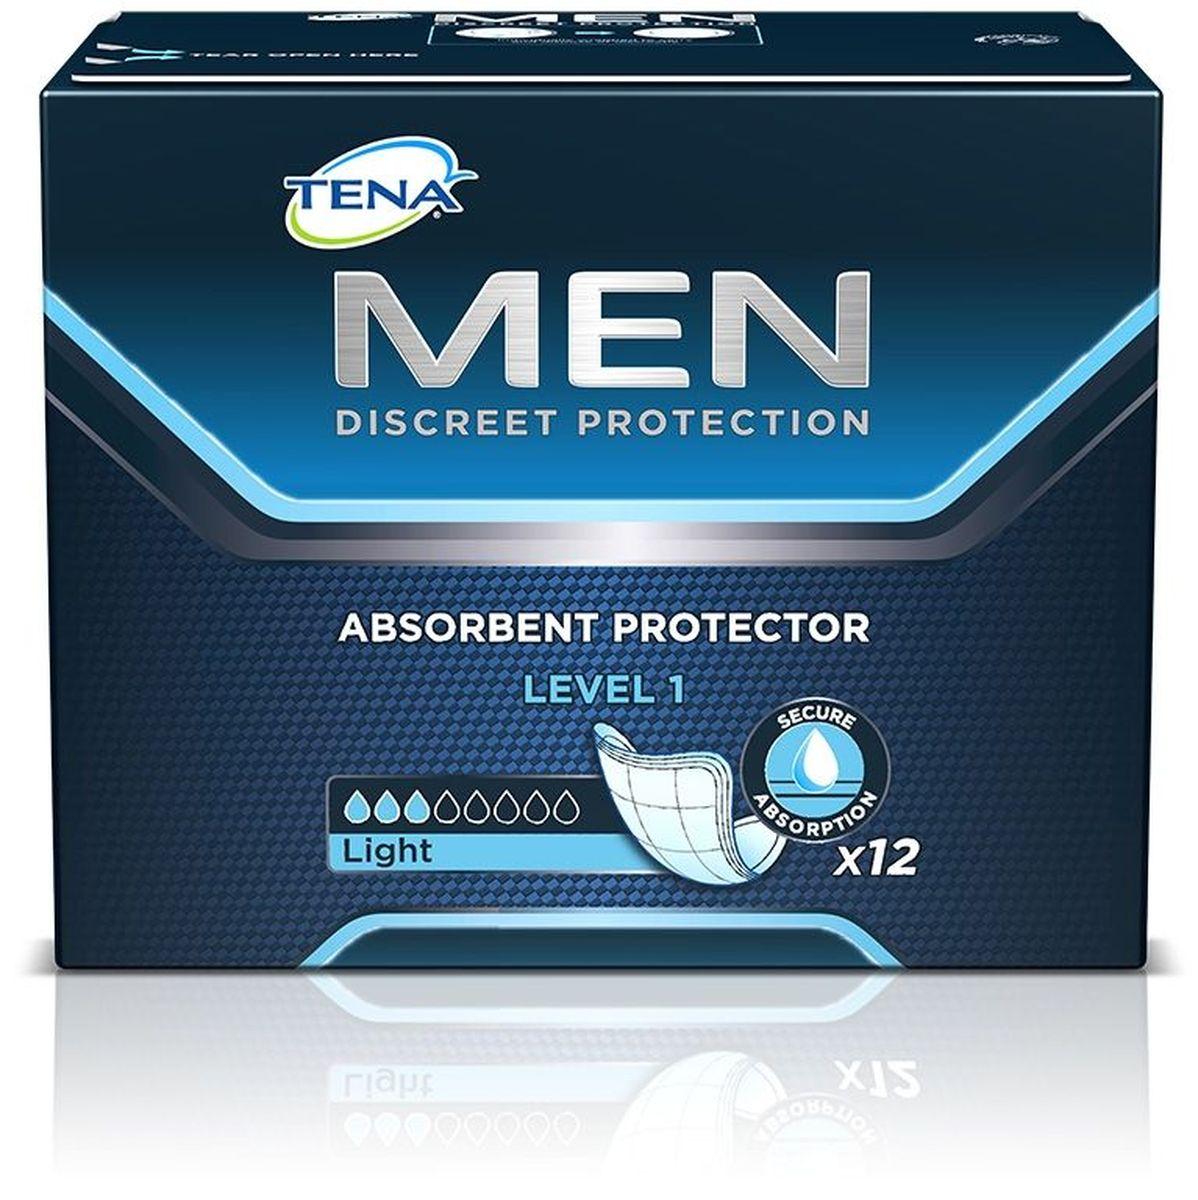 Tena Прокладки урологические для мужчин Men 1 12 шт01.00.15.750661Средства защиты TENA Men разработаны с учетом анатомических особенностей мужчины инапоминают по форме щит в виде чаши, которая плотно крепится к белью. Поверхностьсредств защиты TENA Men быстро впитывает влагу и дарит чувство сухости. Специальныемикрогранулы быстро впитывают влагу и запахи и запирают их внутри. TENA Men надежнокрепятся к нижнему белью с помощью клейкой полоски. Каждое средство защиты TENA Menиндивидуально упаковано, поэтому при необходимости его можно легко взять с собой.Длина: 23 см.